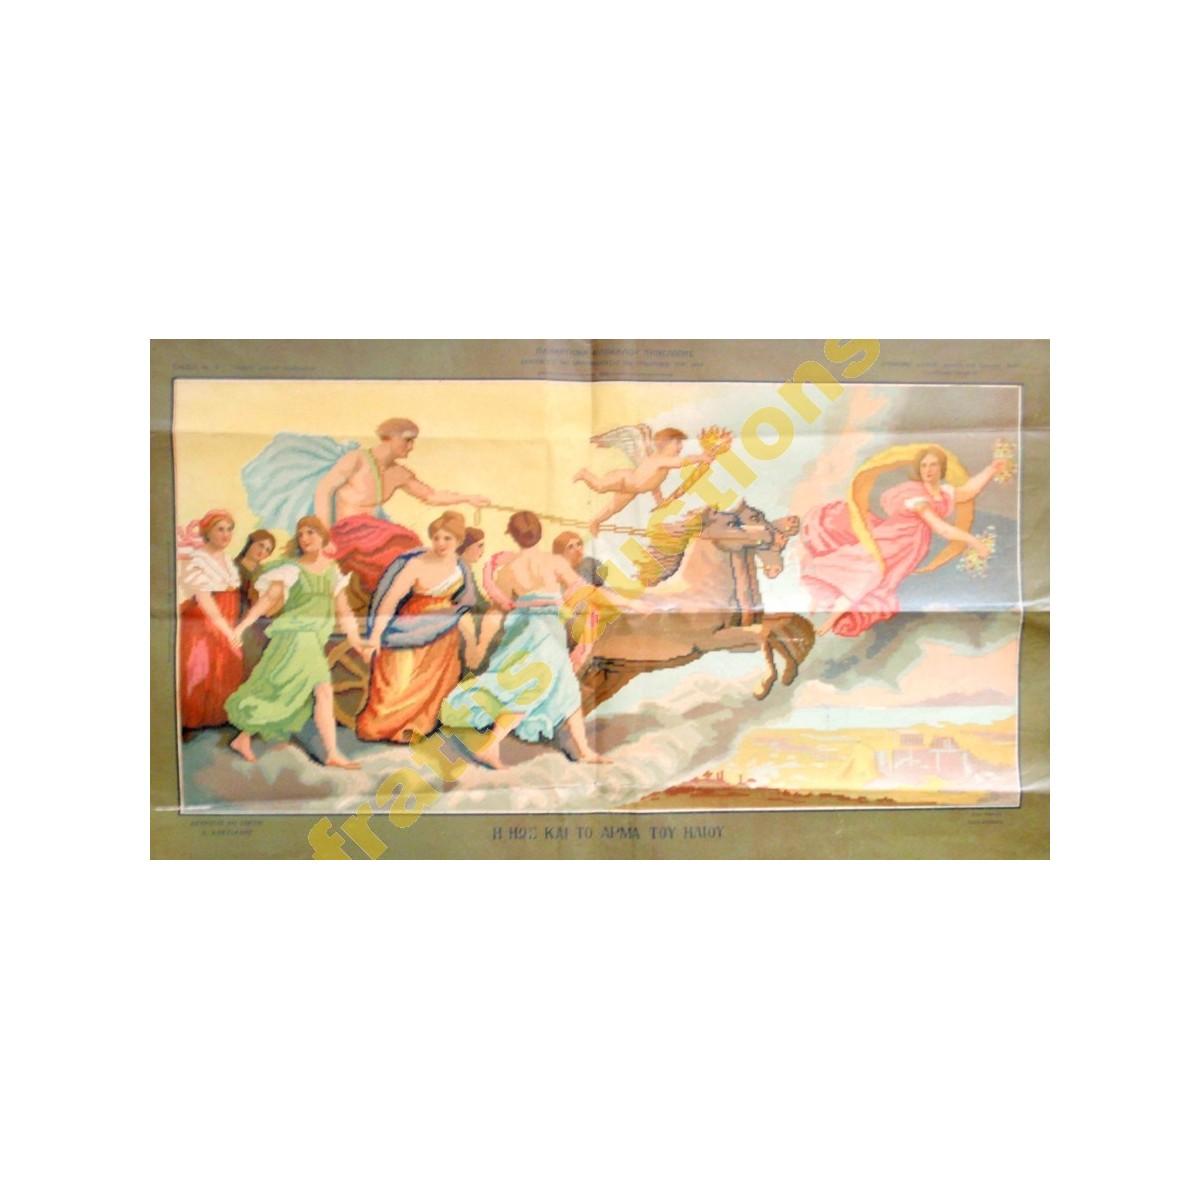 """Η Ηώς & το άρμα του Ήλιου Λιθόγραφη αφίσα ¨Φιλόκαλος Πηνελόπη"""" 1904"""